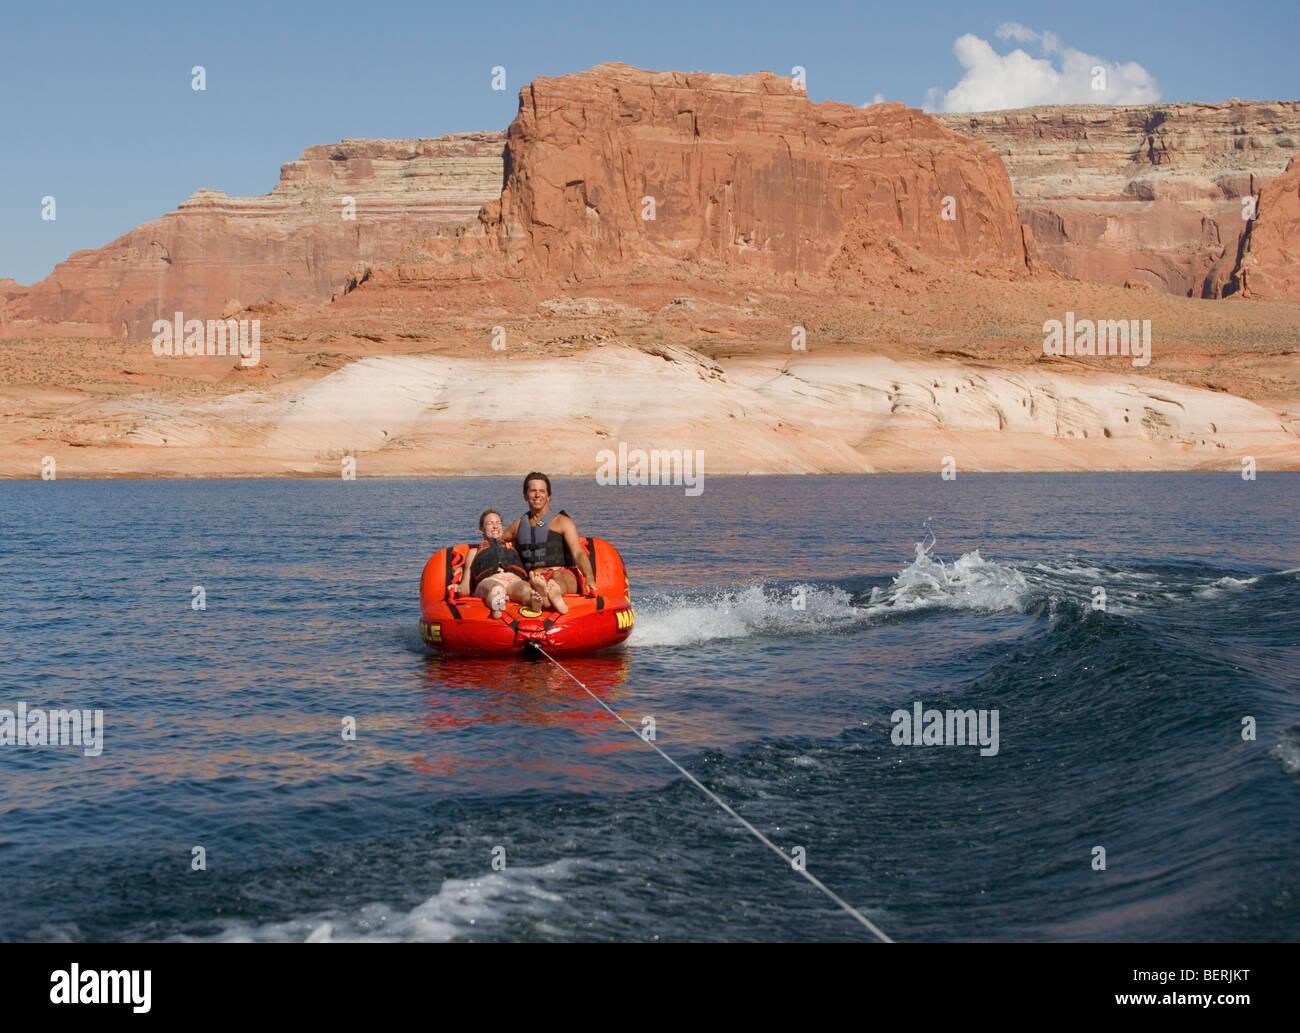 Una pareja se monta sobre un remolque hinchable mientras es remolcado detrás de un bote en el lago Powell, en Utah, EE.UU.. Foto de stock